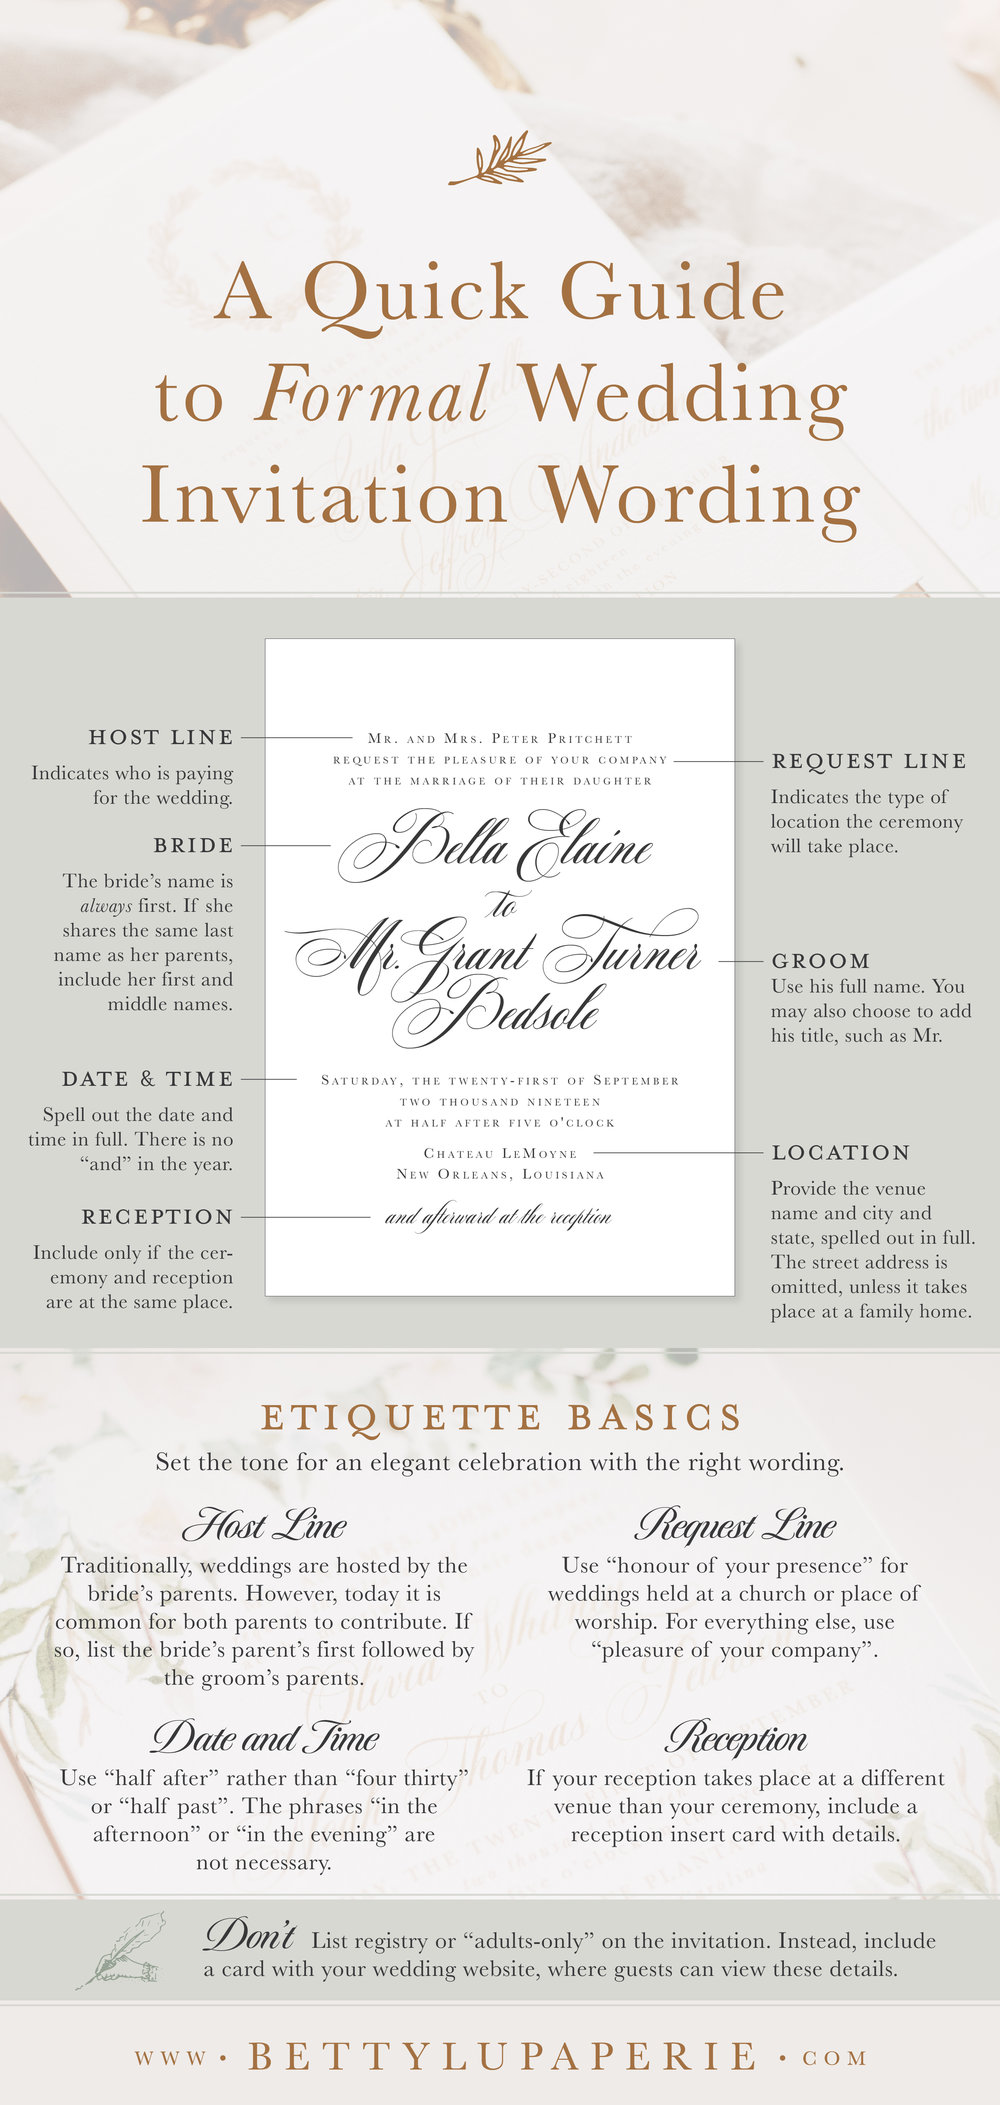 Formal Wedding Invitation Wording.jpg